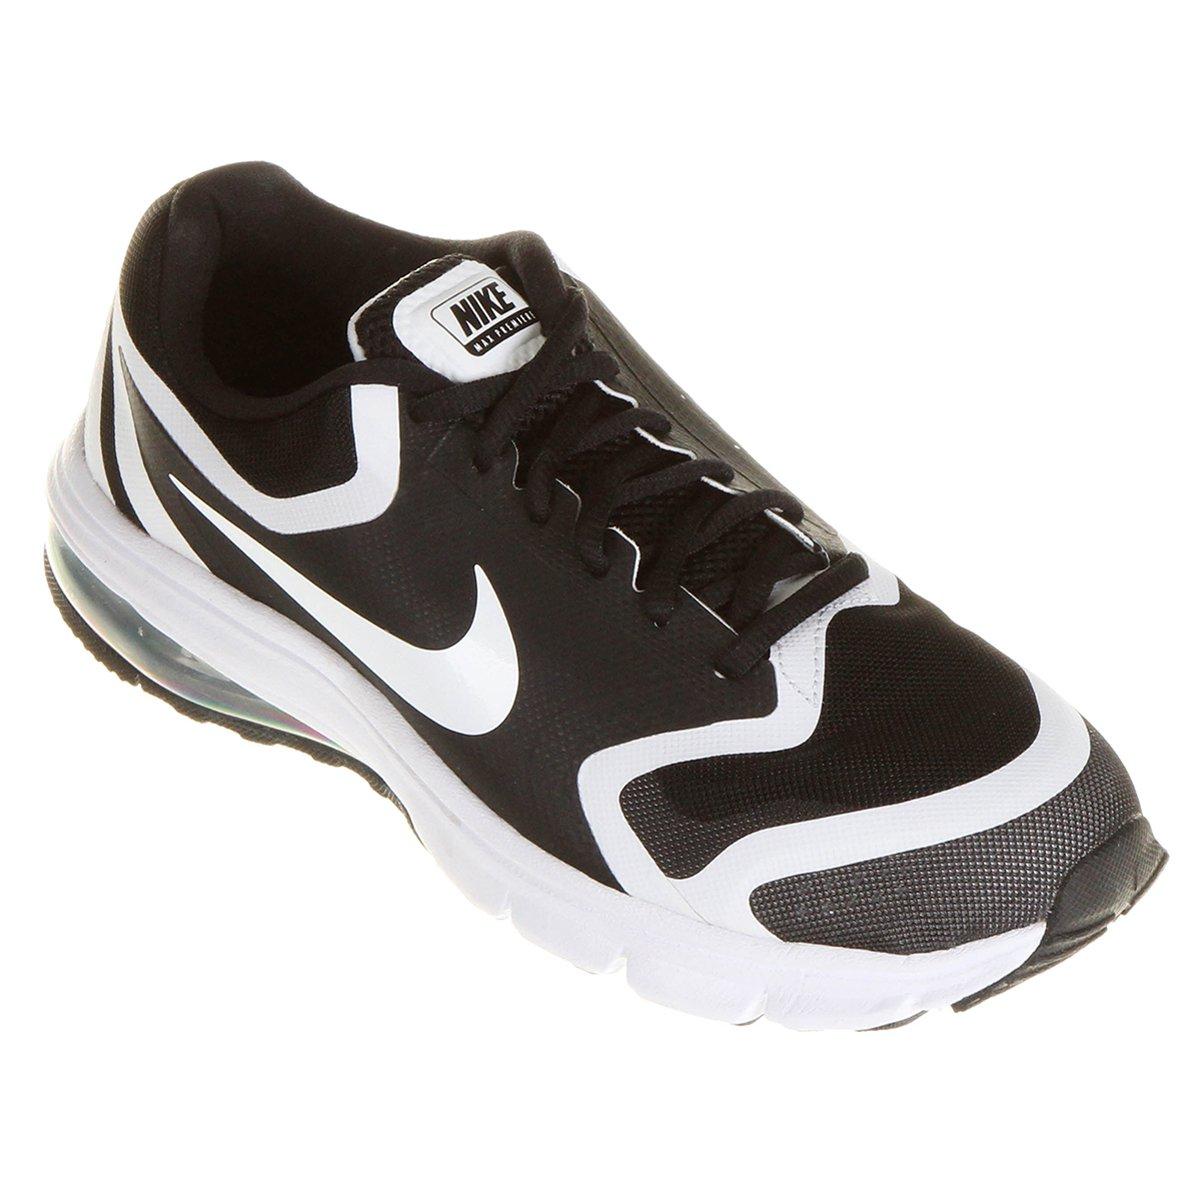 Tênis Nike Run Air Max Premiere Run Nike Feminino Compre Agora Netsapatos 95d886